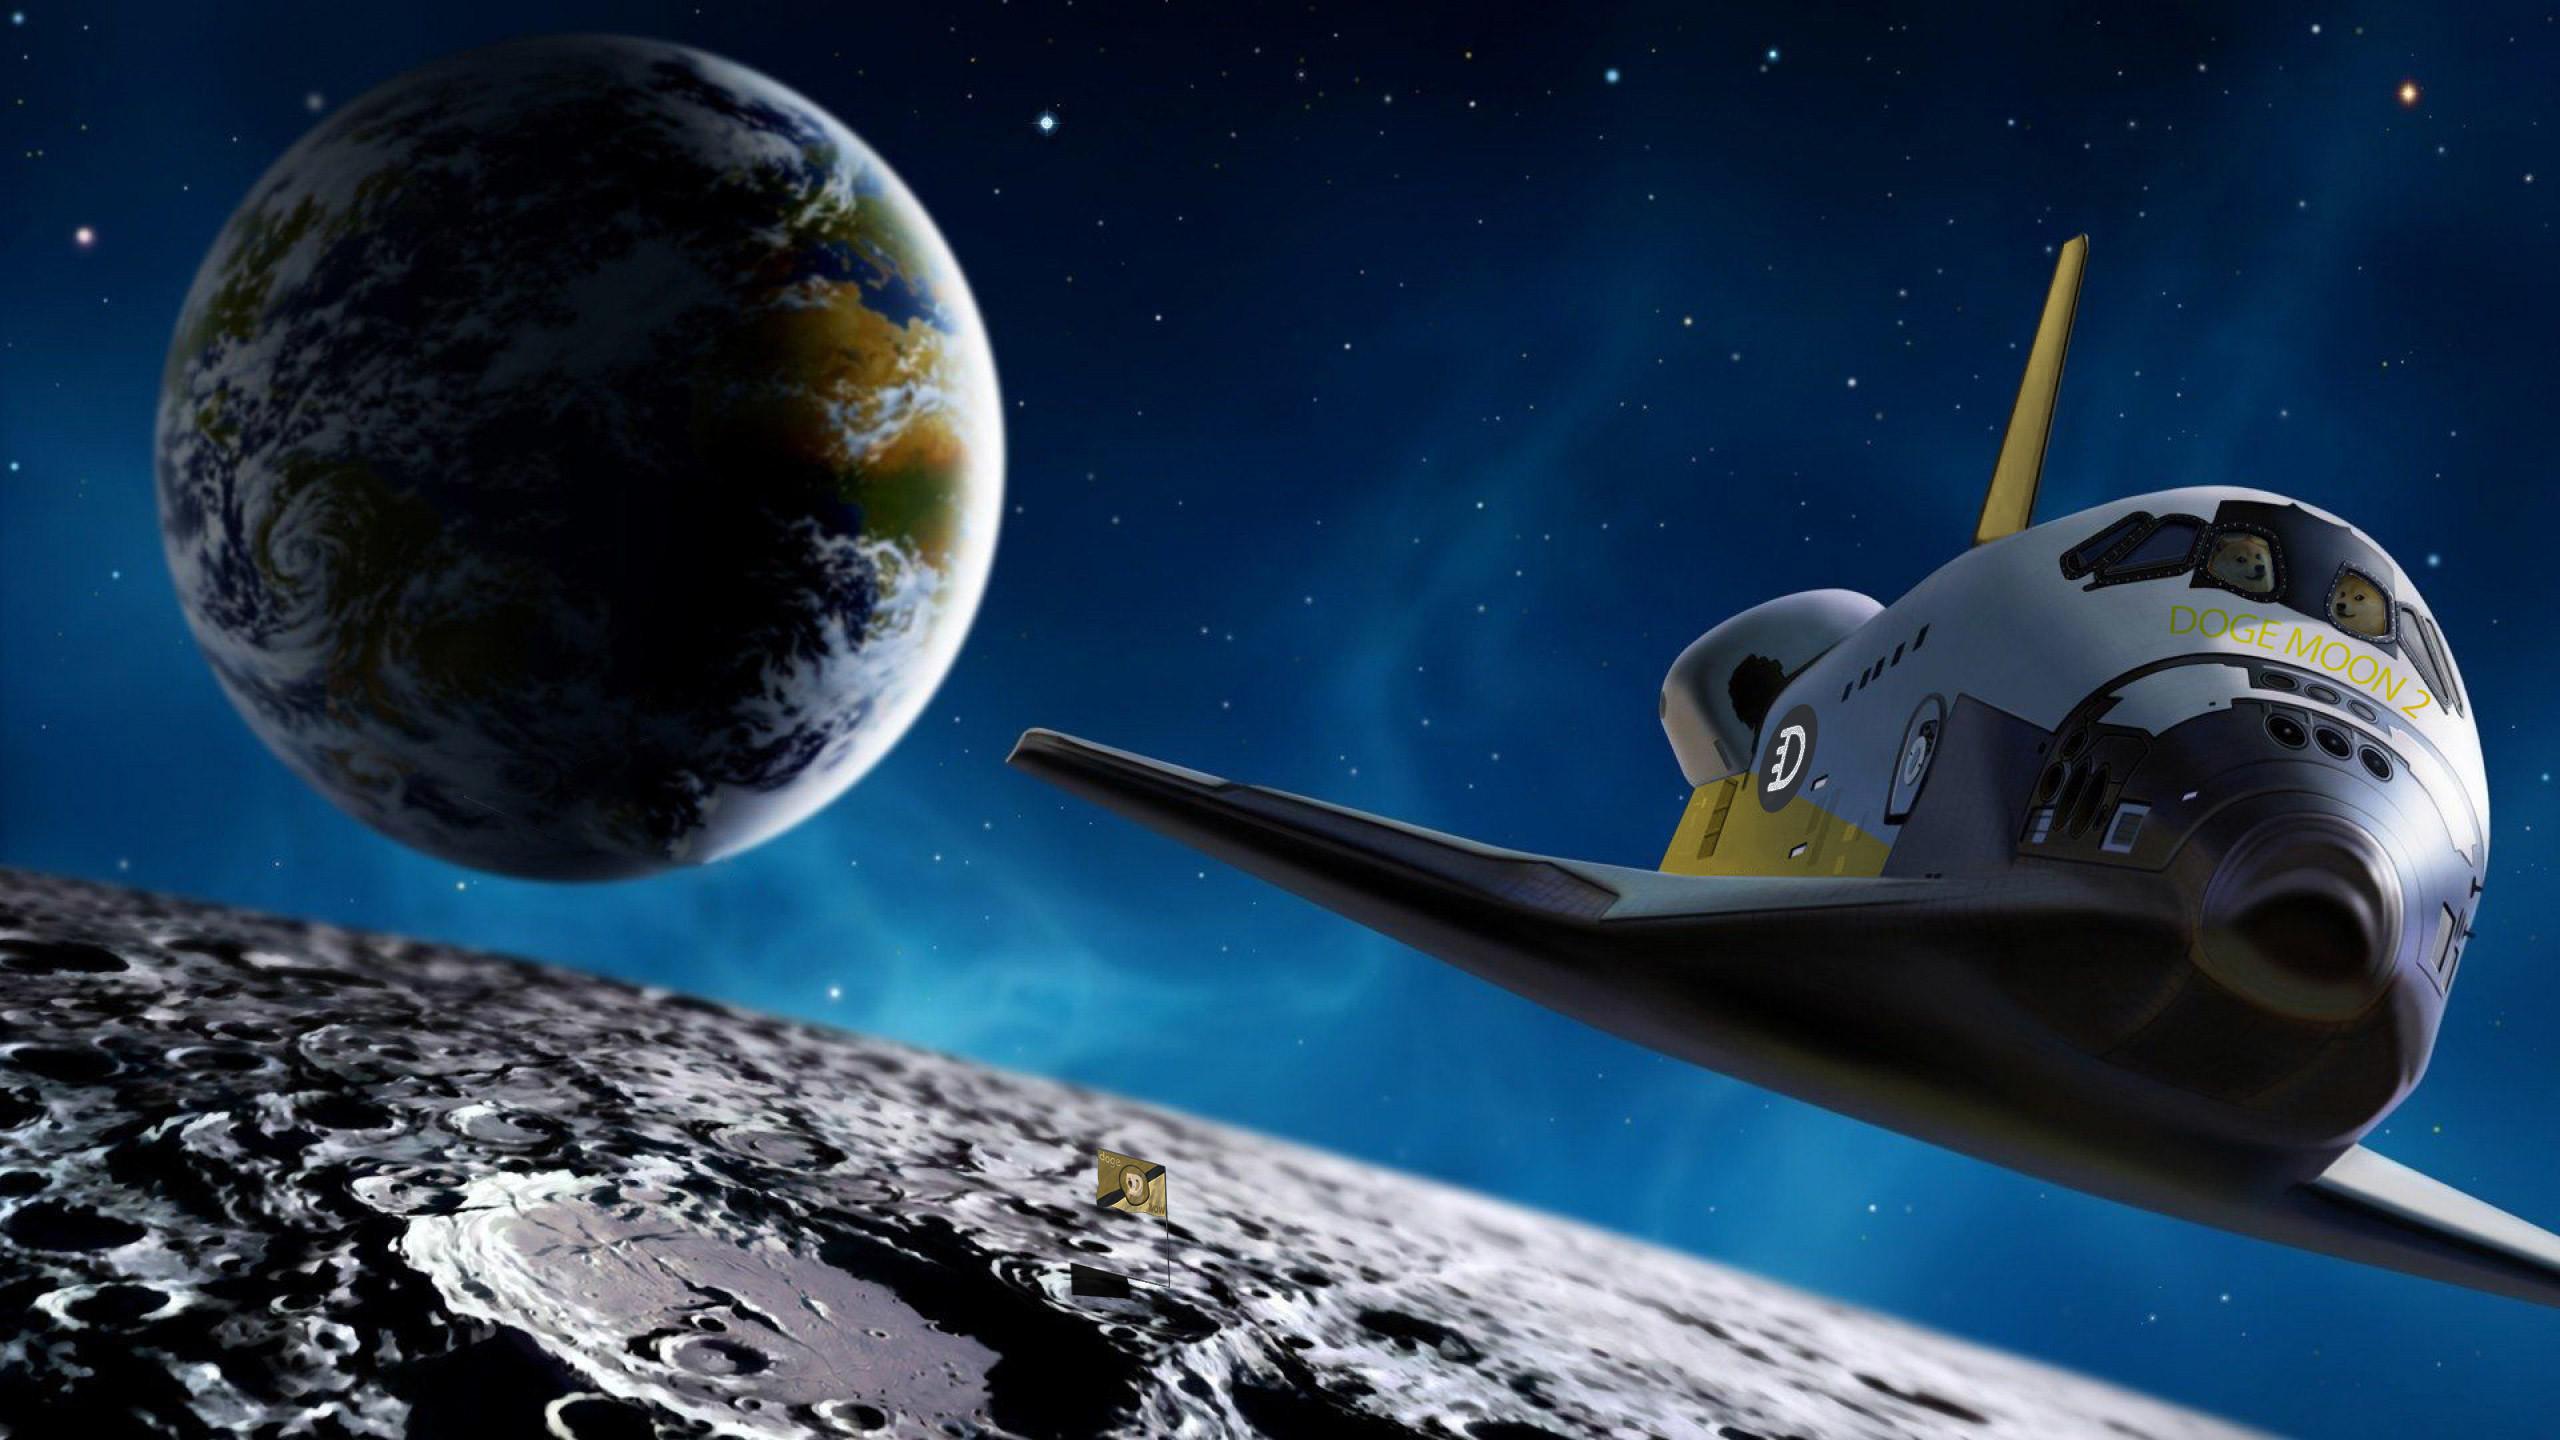 Doge moon mission V2 Wallpaper …